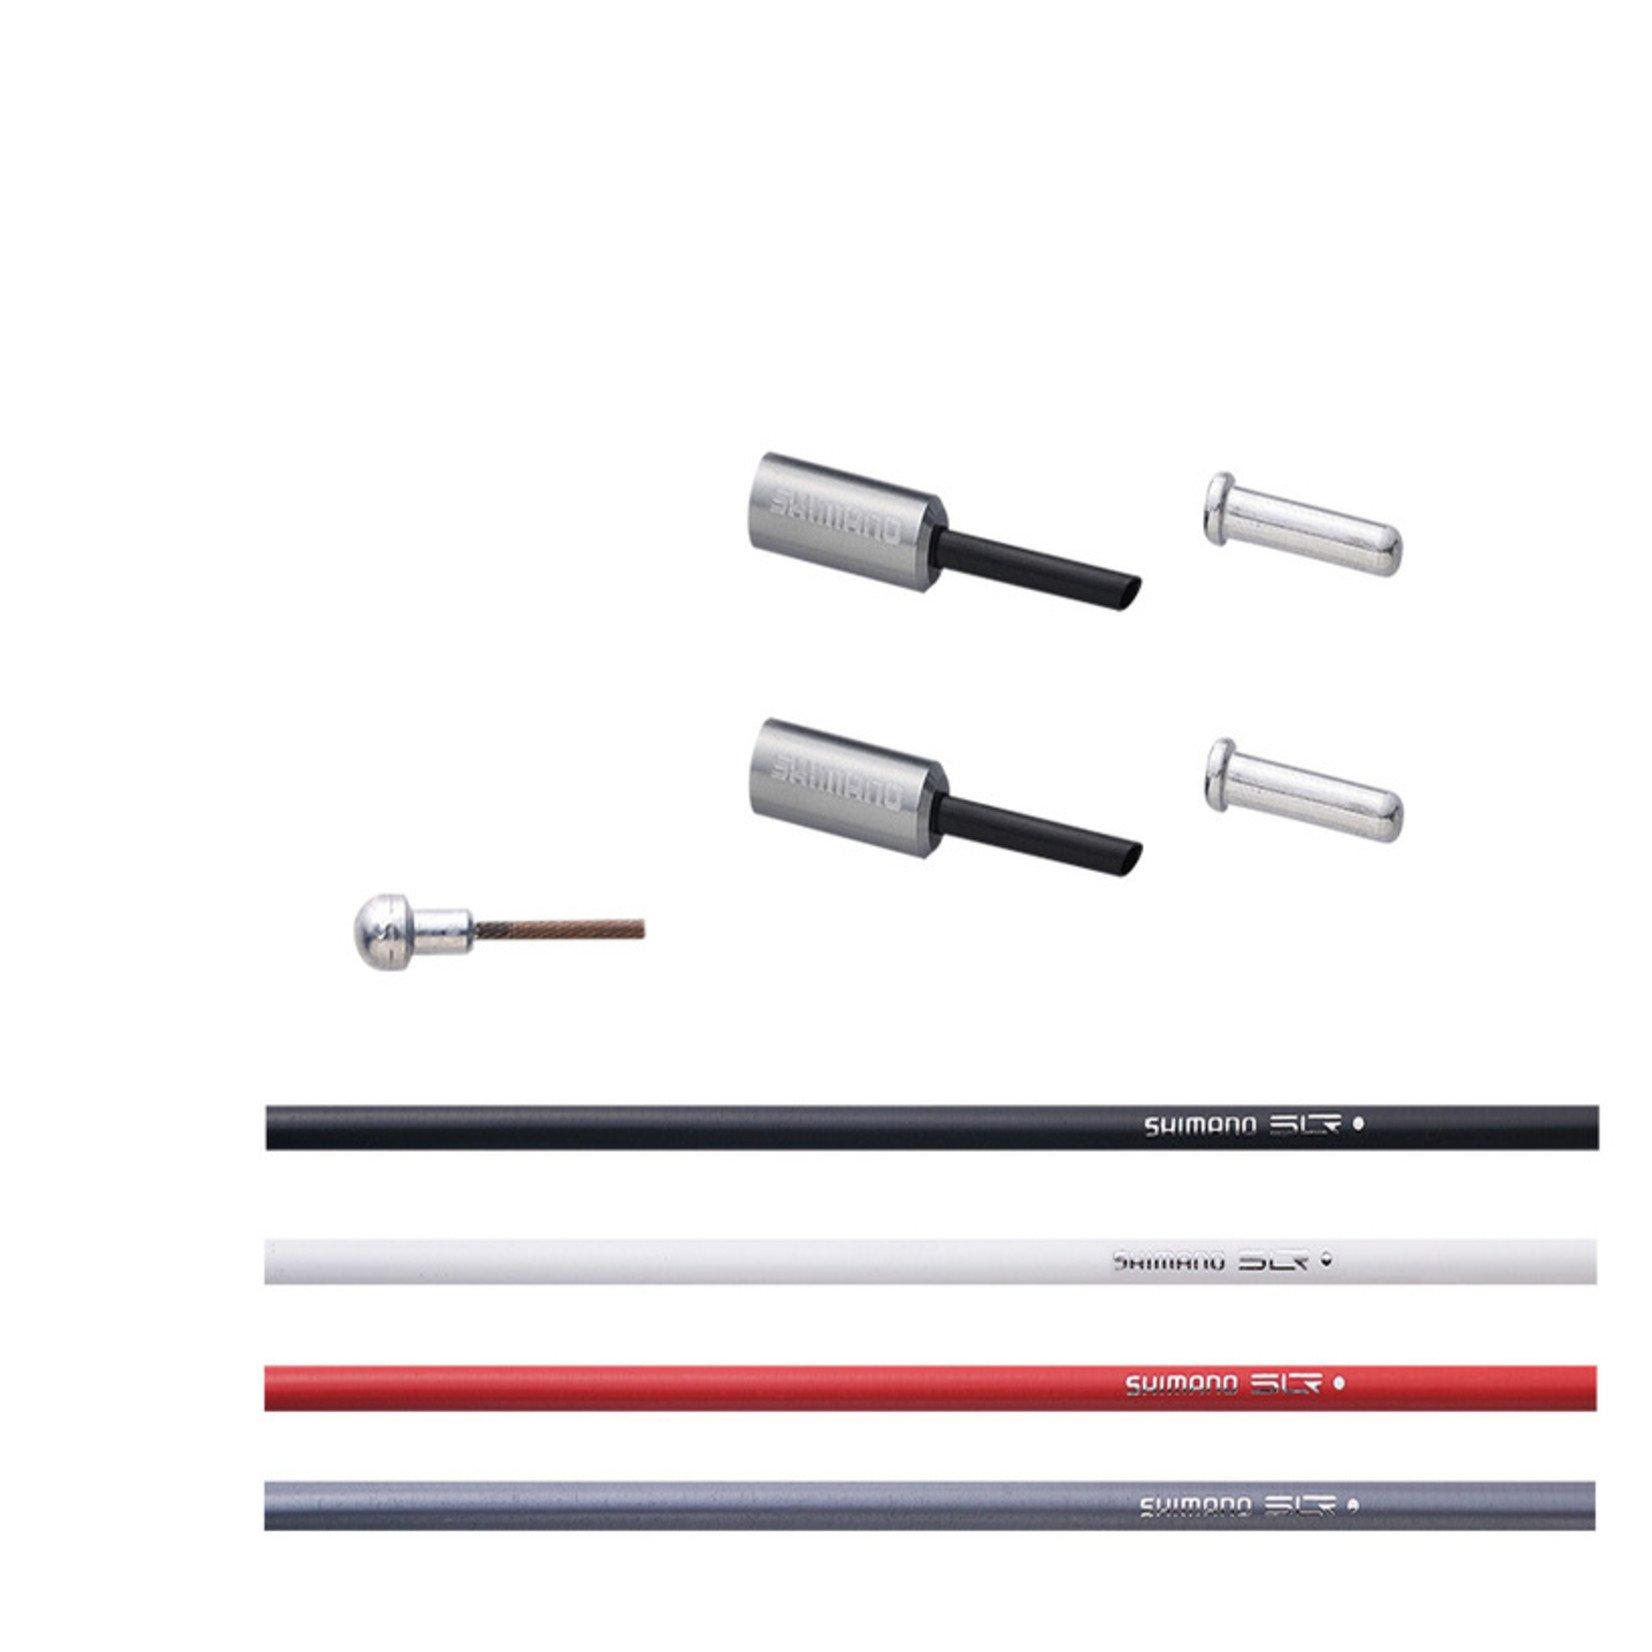 Shimano BC-9000 Dura-Ace Road Brake Cable Set, Black